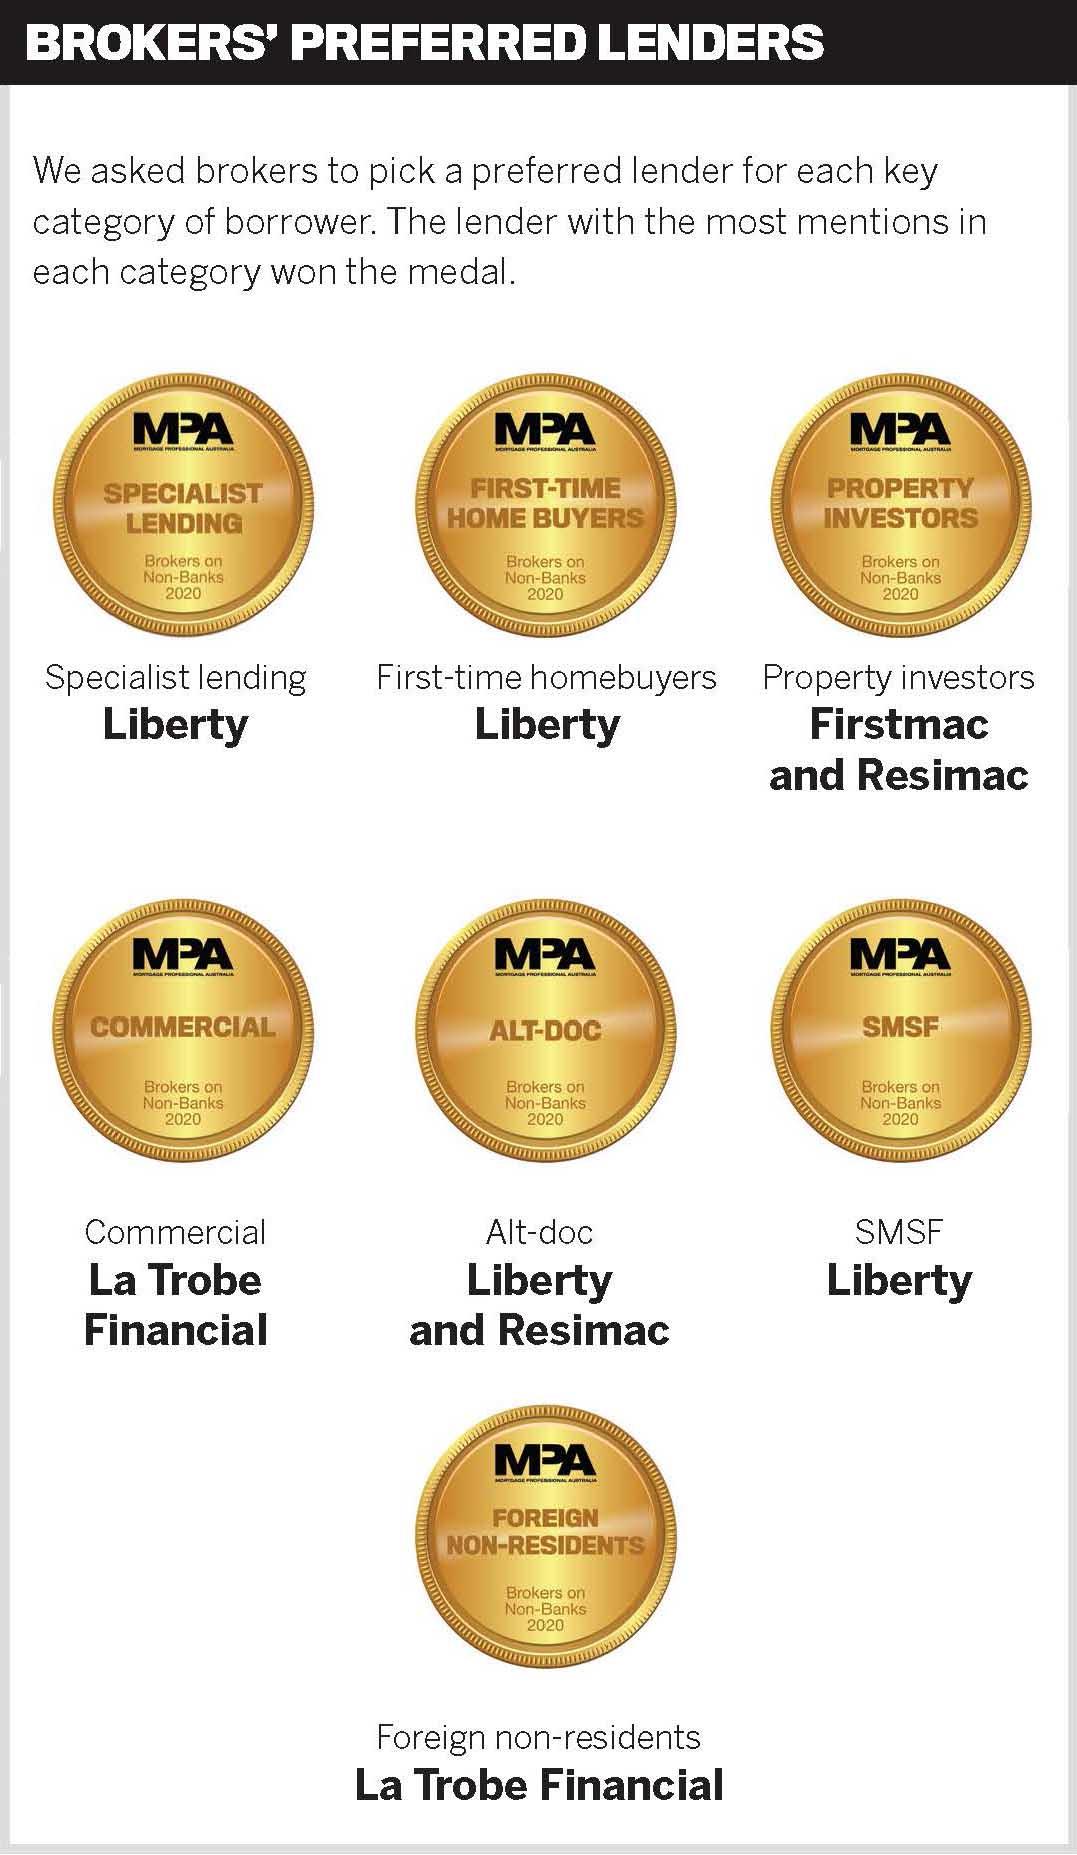 Brokers' preferred lenders